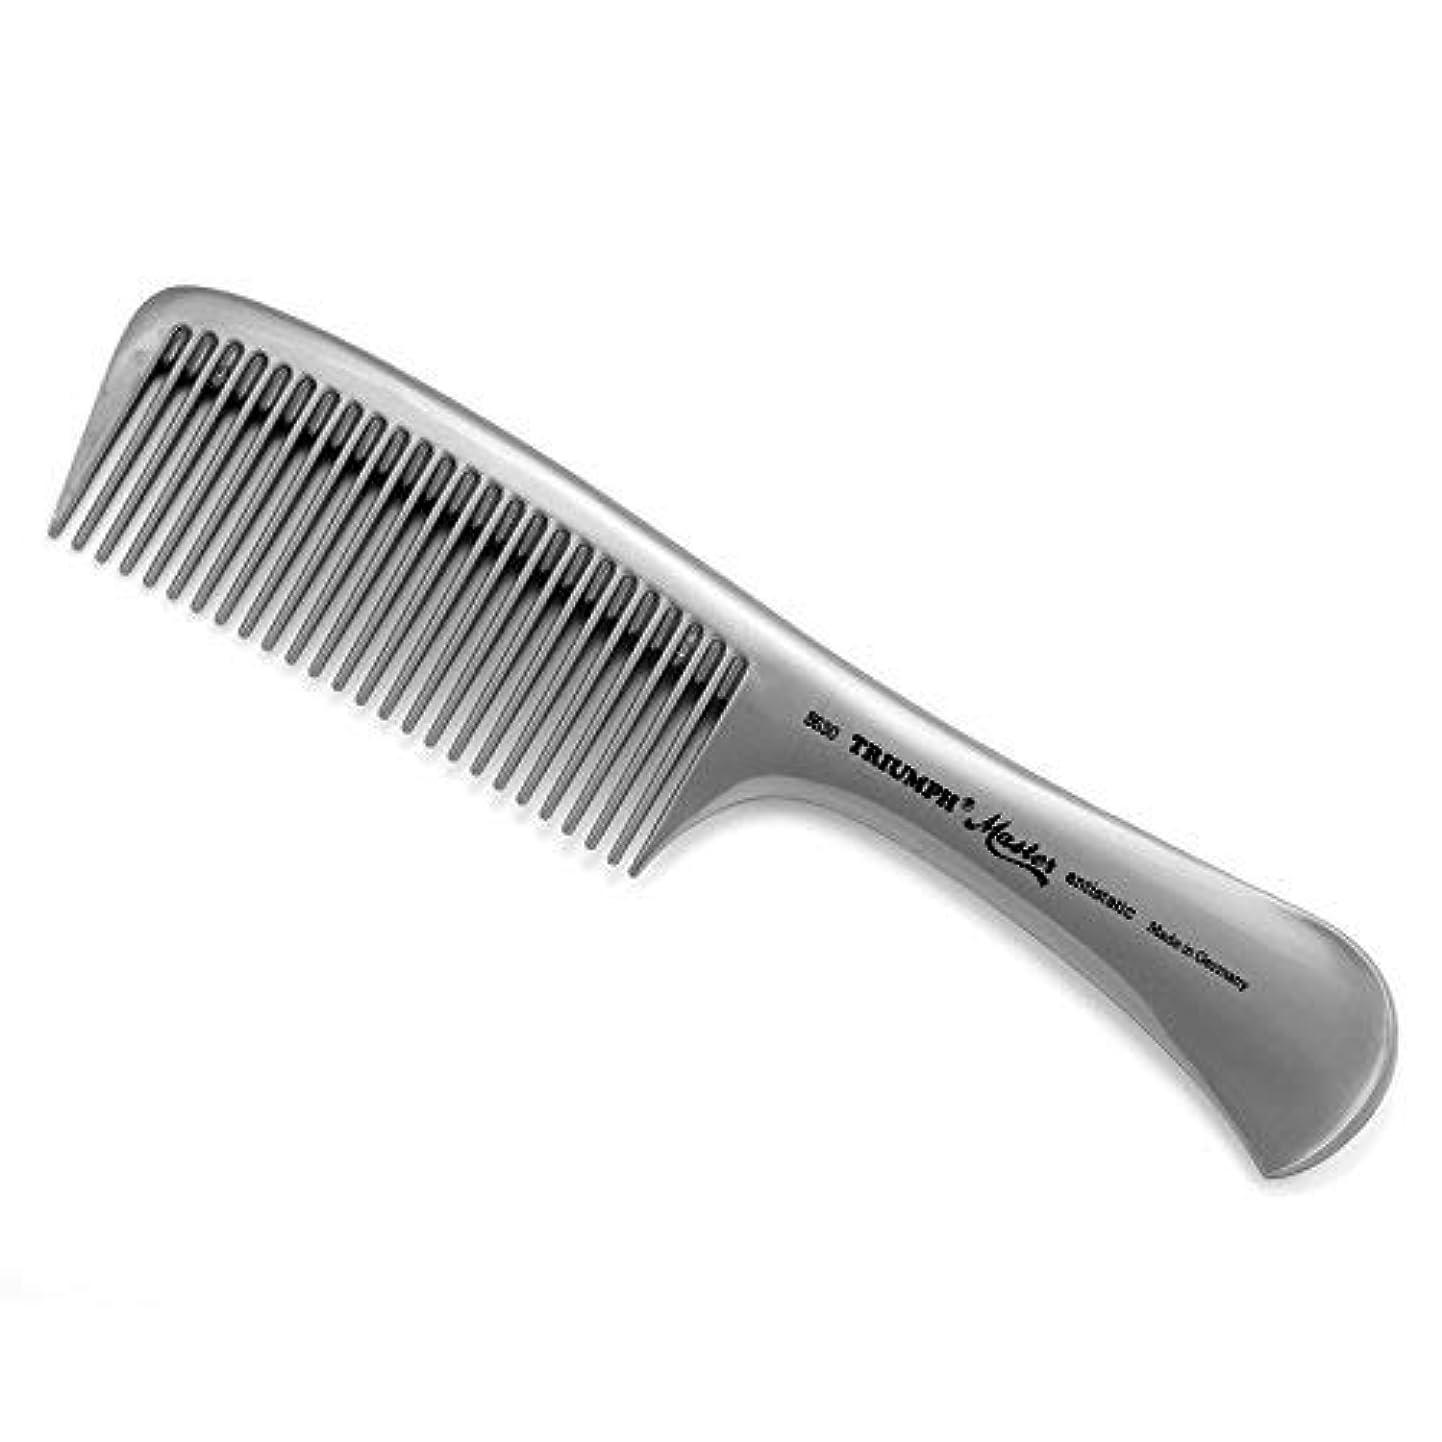 応用減らす助言Triumph Master Handle Comb Silver 8.5